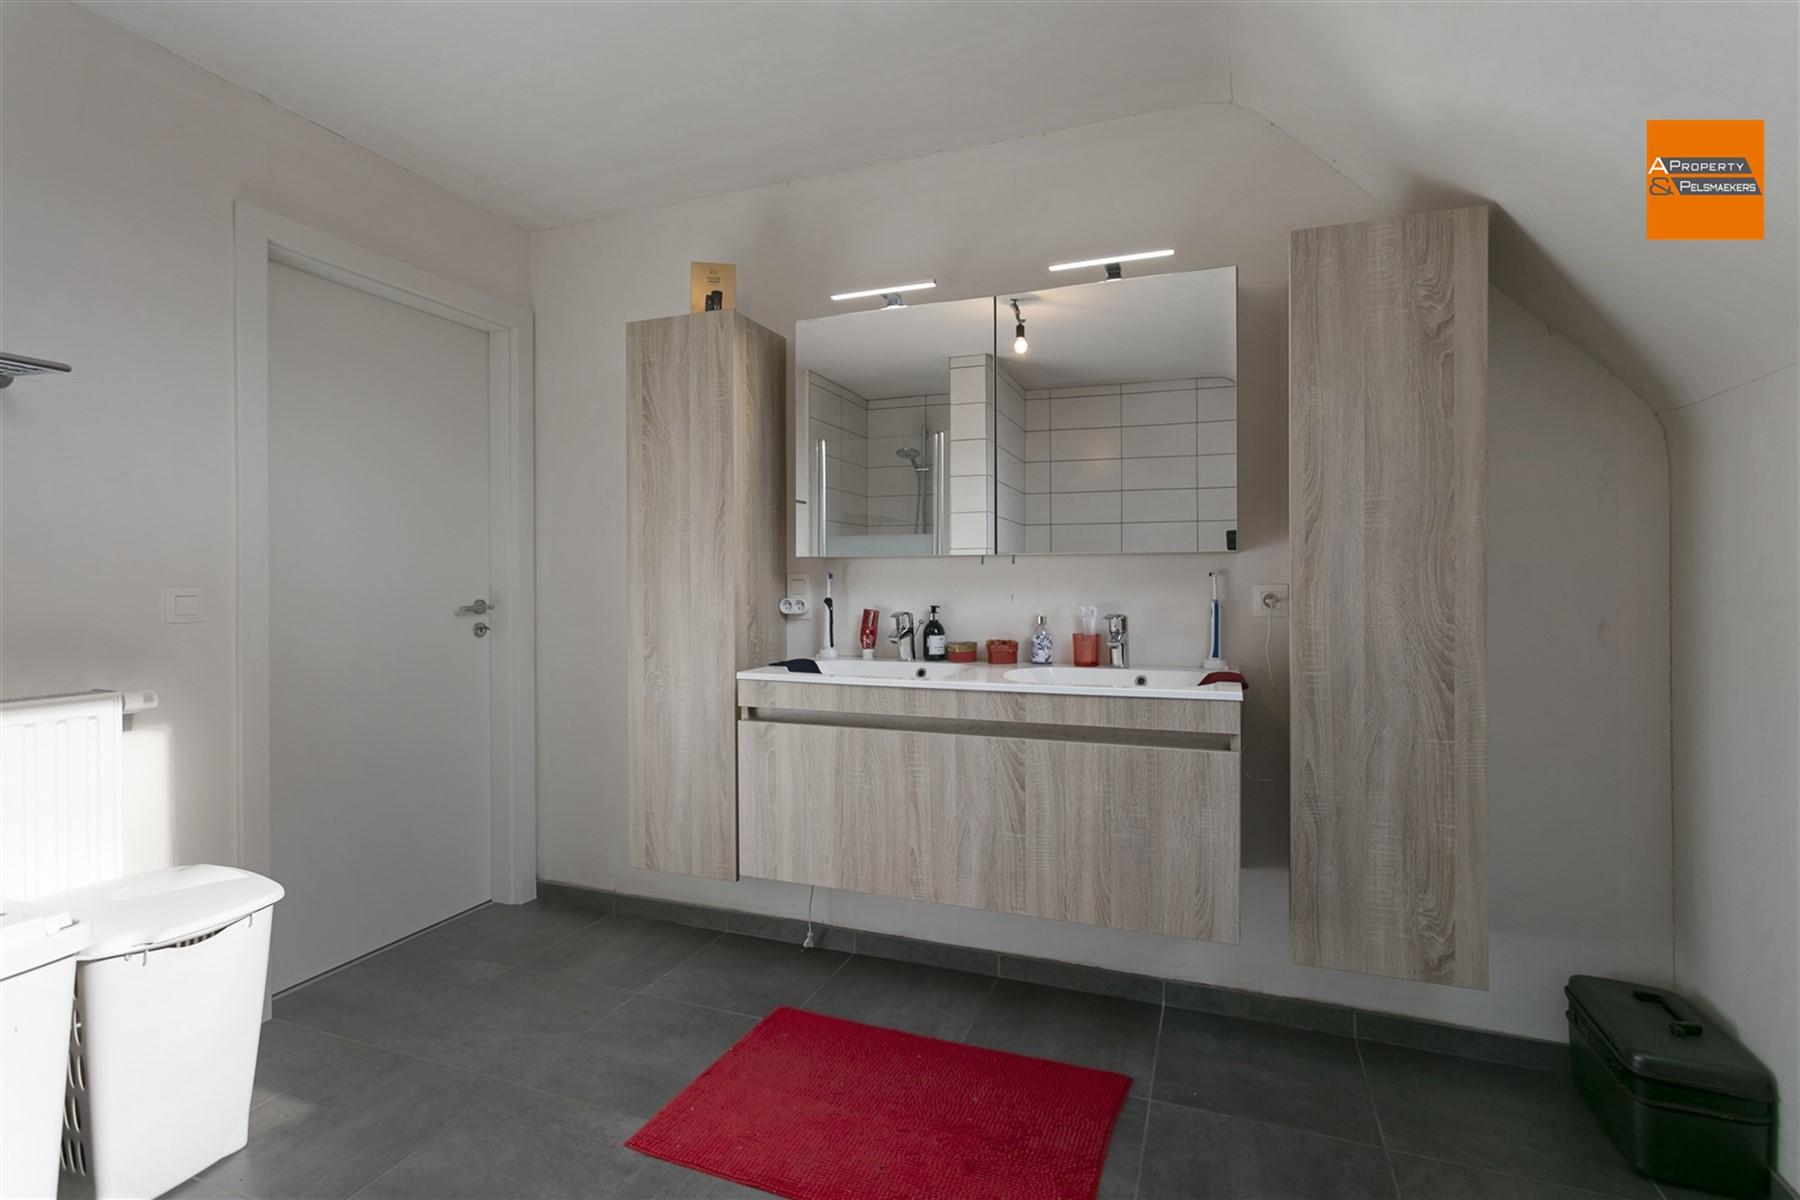 Foto 27 : Huis in 3071 ERPS-KWERPS (België) - Prijs € 650.000